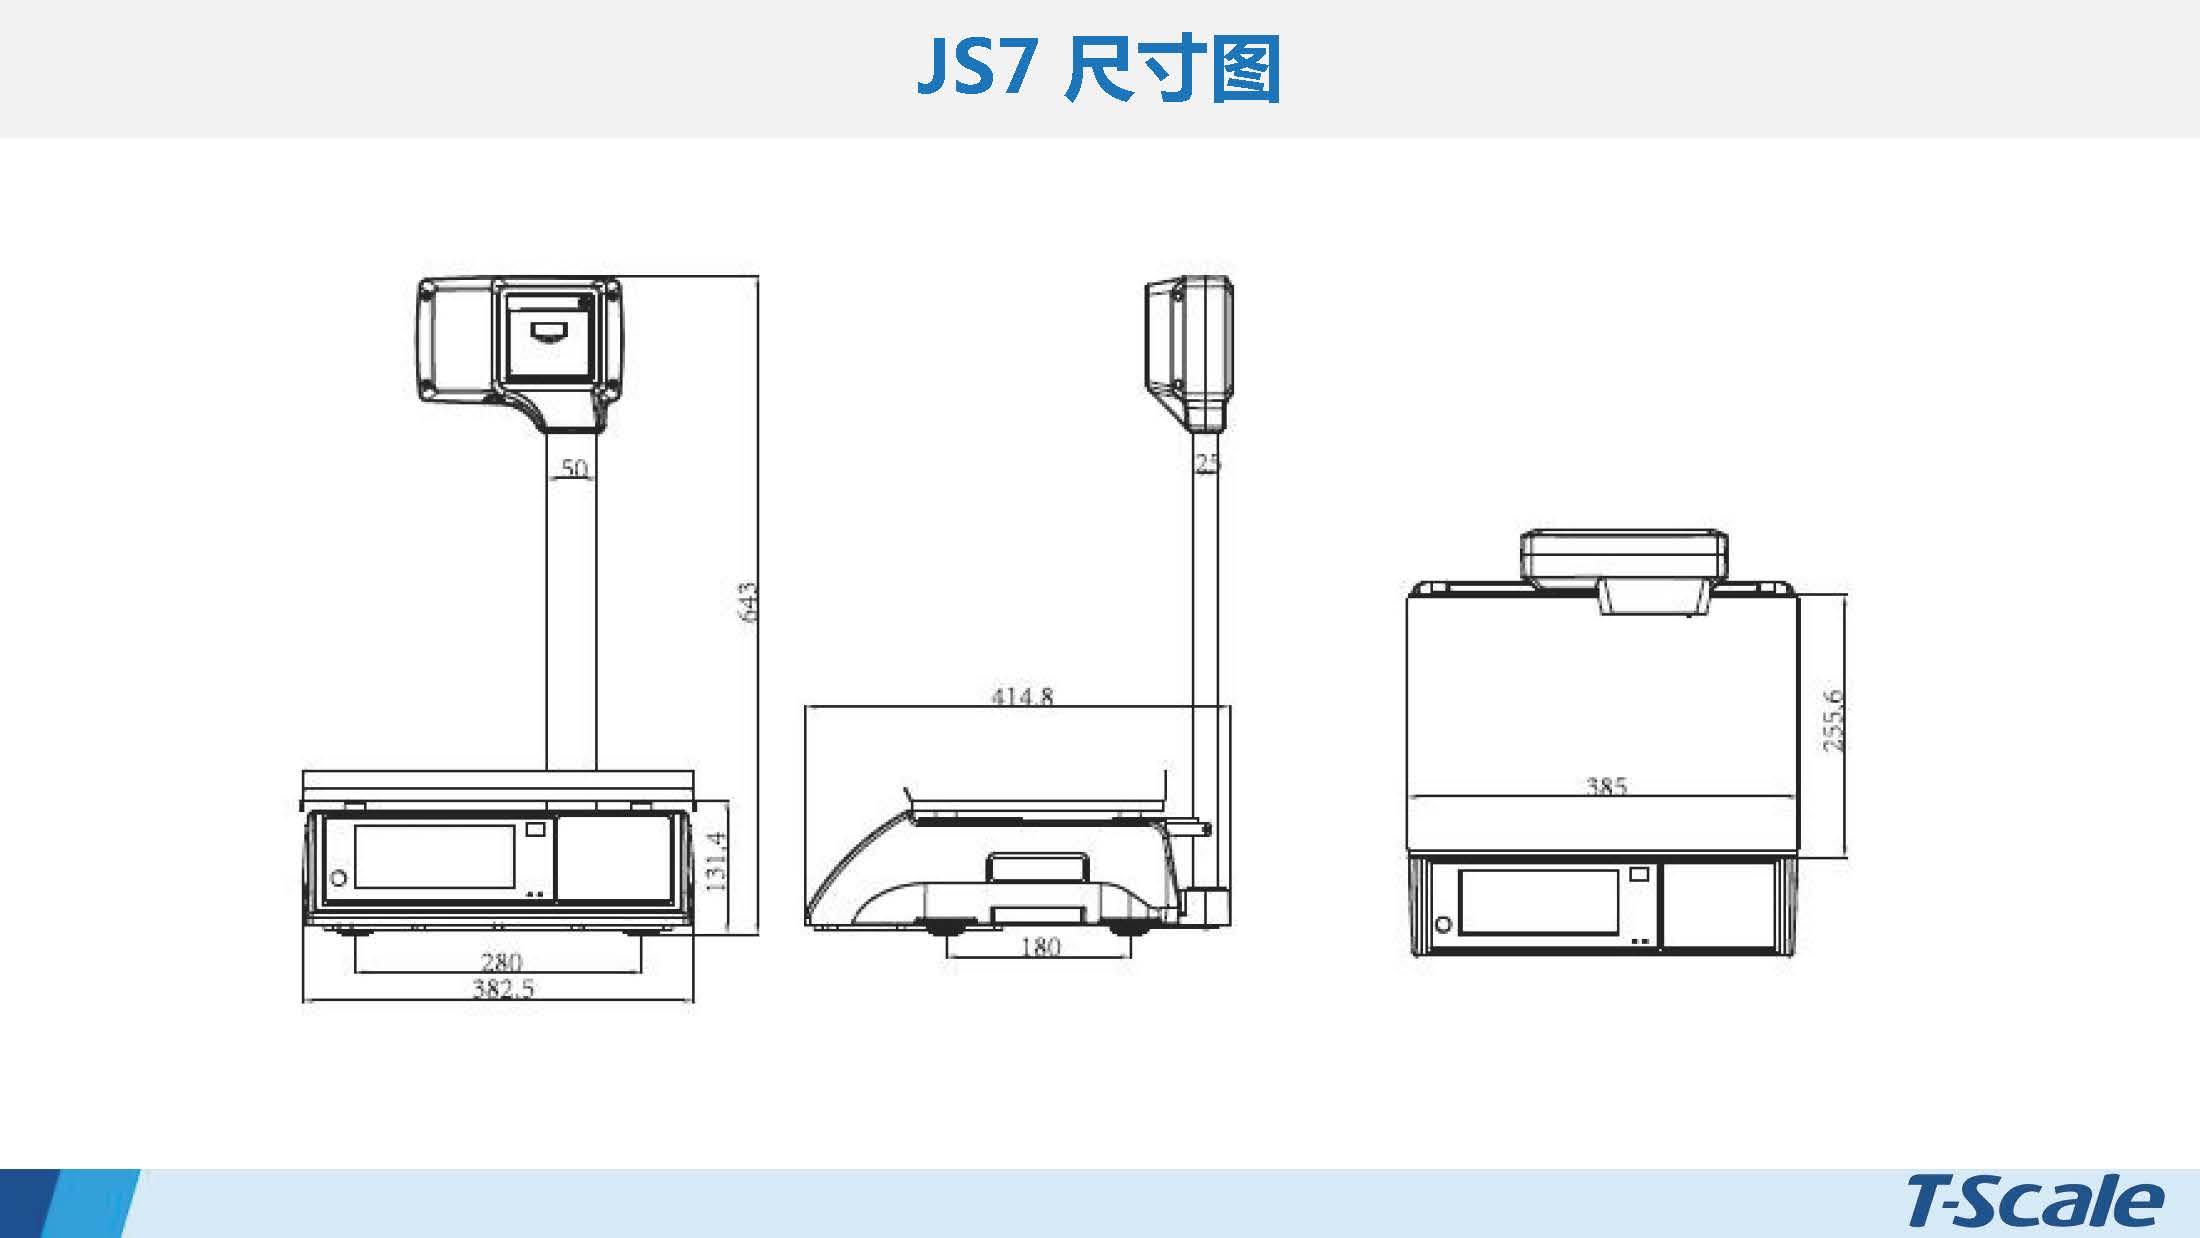 台衡 JS7-安卓系统 农贸溯源秤